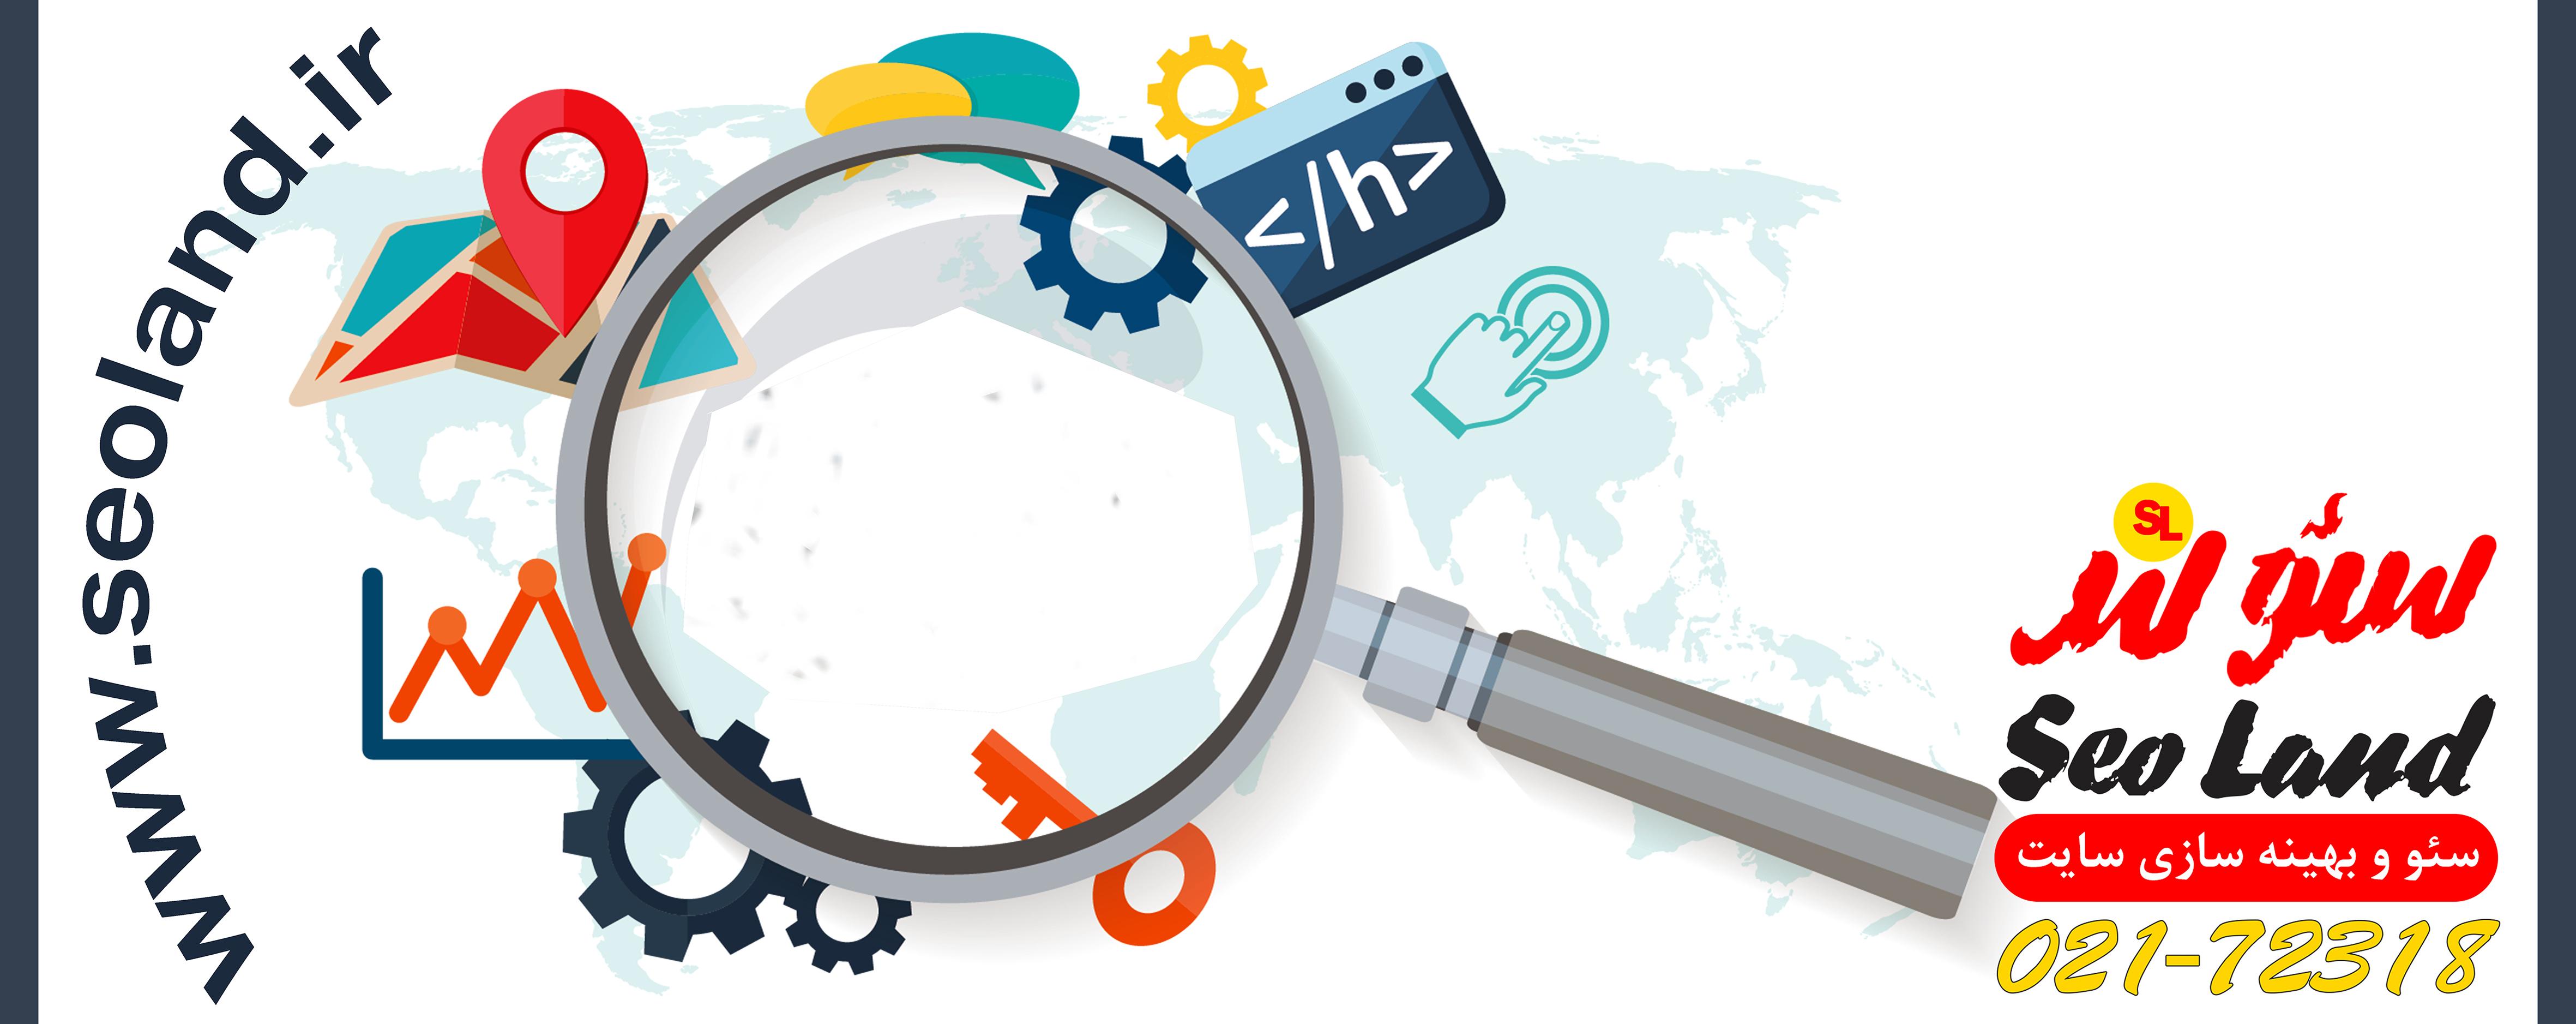 نحوه دیده شدن صفحات در موتورهای جستجو